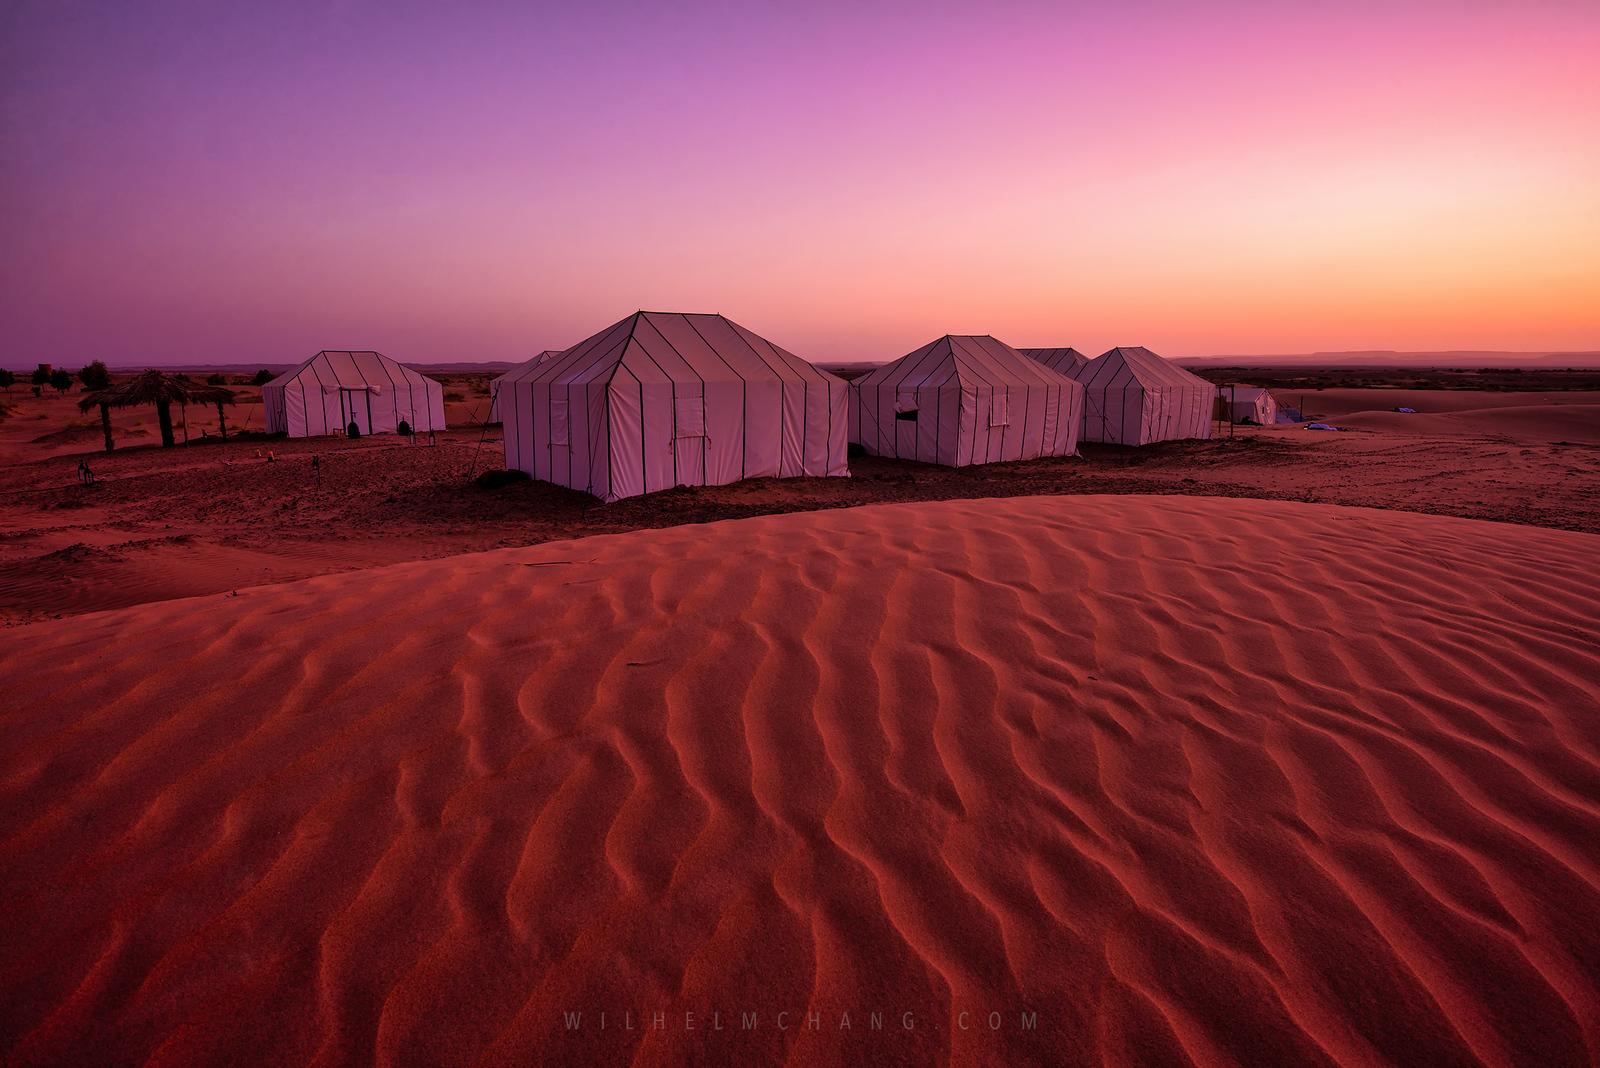 北非調色盤 摩洛哥 撒哈拉沙漠之住宿與飲食 by Wilhelm Chang 張威廉